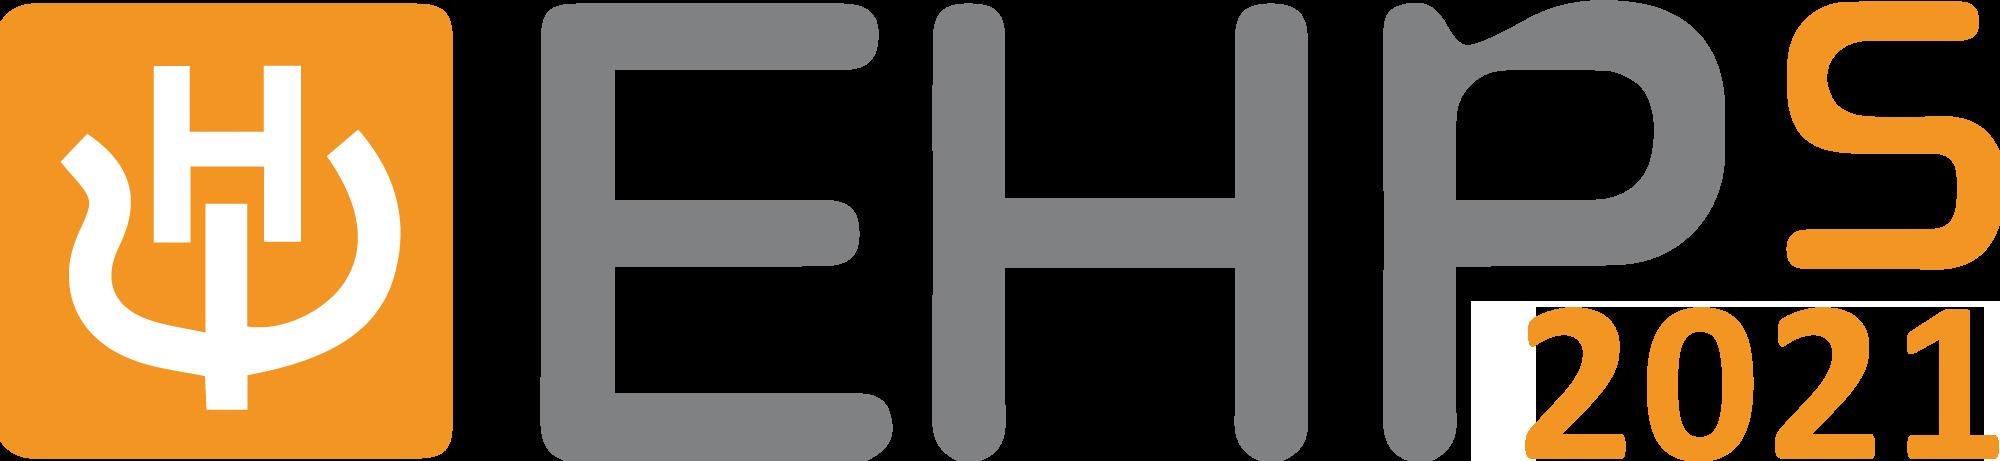 EHPS 2021